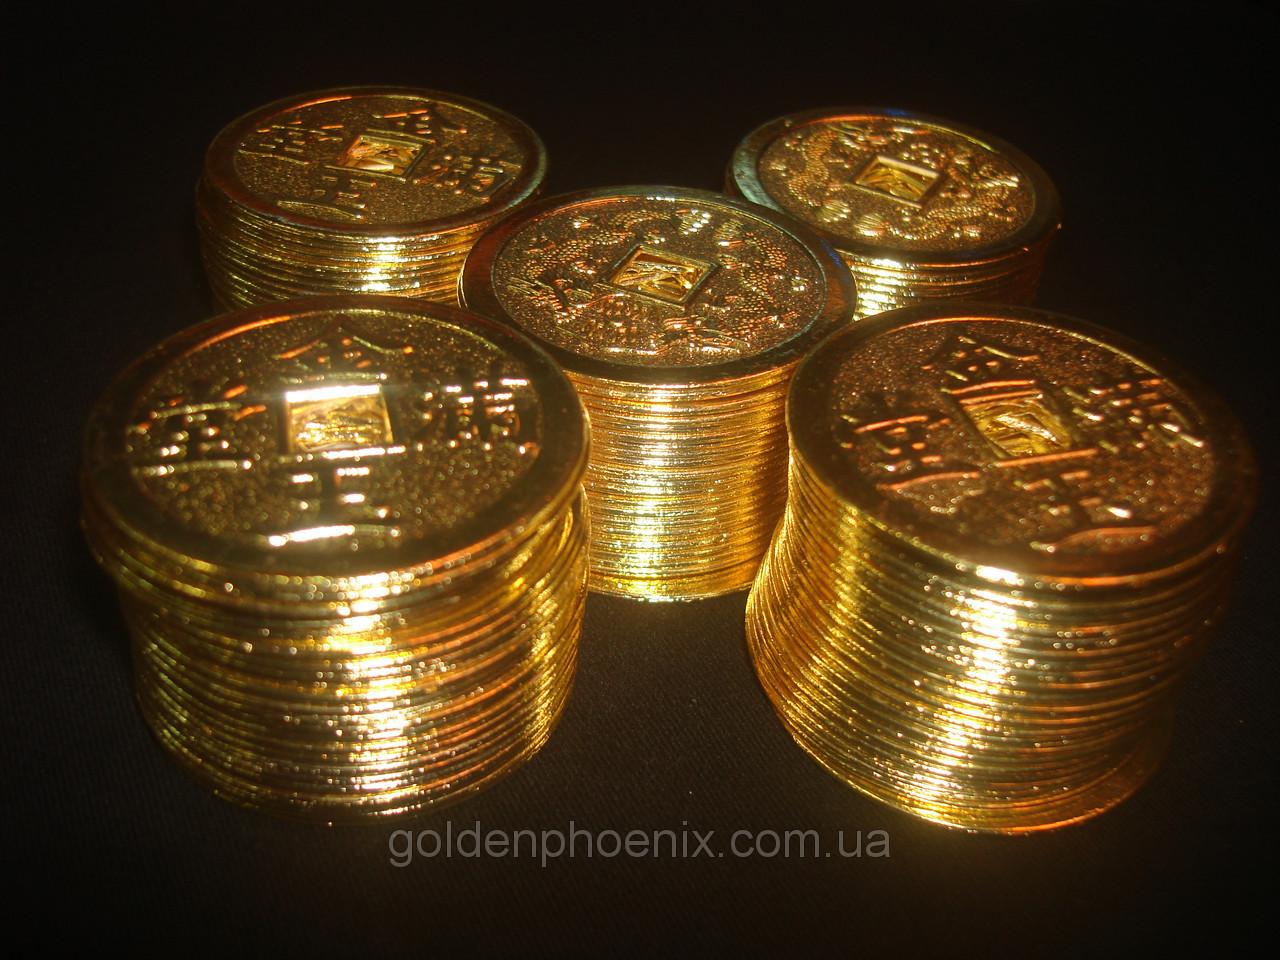 Монеты фен-шуй золотые 16